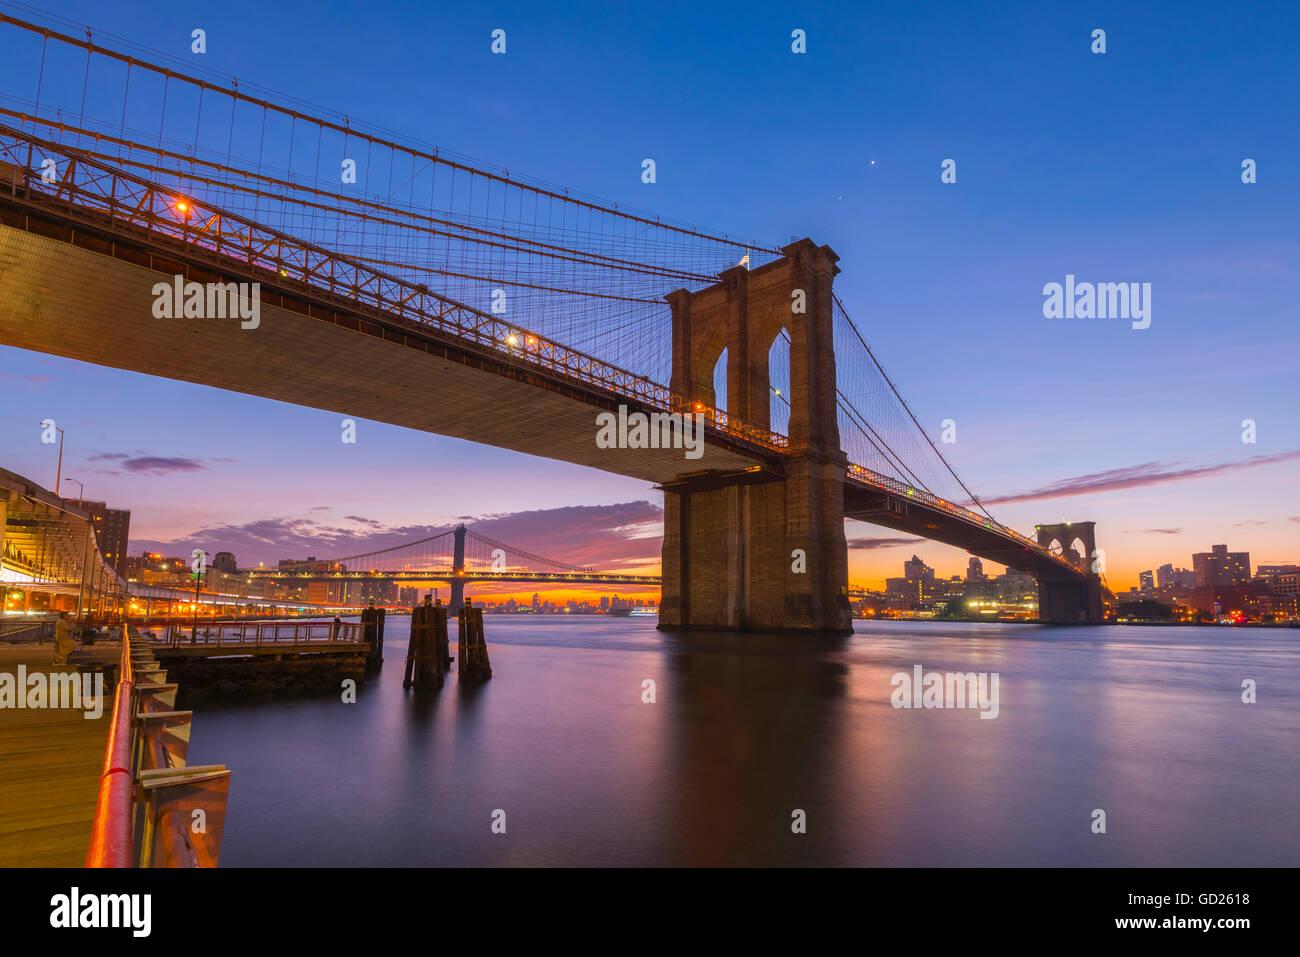 Brooklyn Bridge und Manhattan Bridge hinaus über East River, New York, Vereinigte Staaten von Amerika, Nordamerika Stockbild